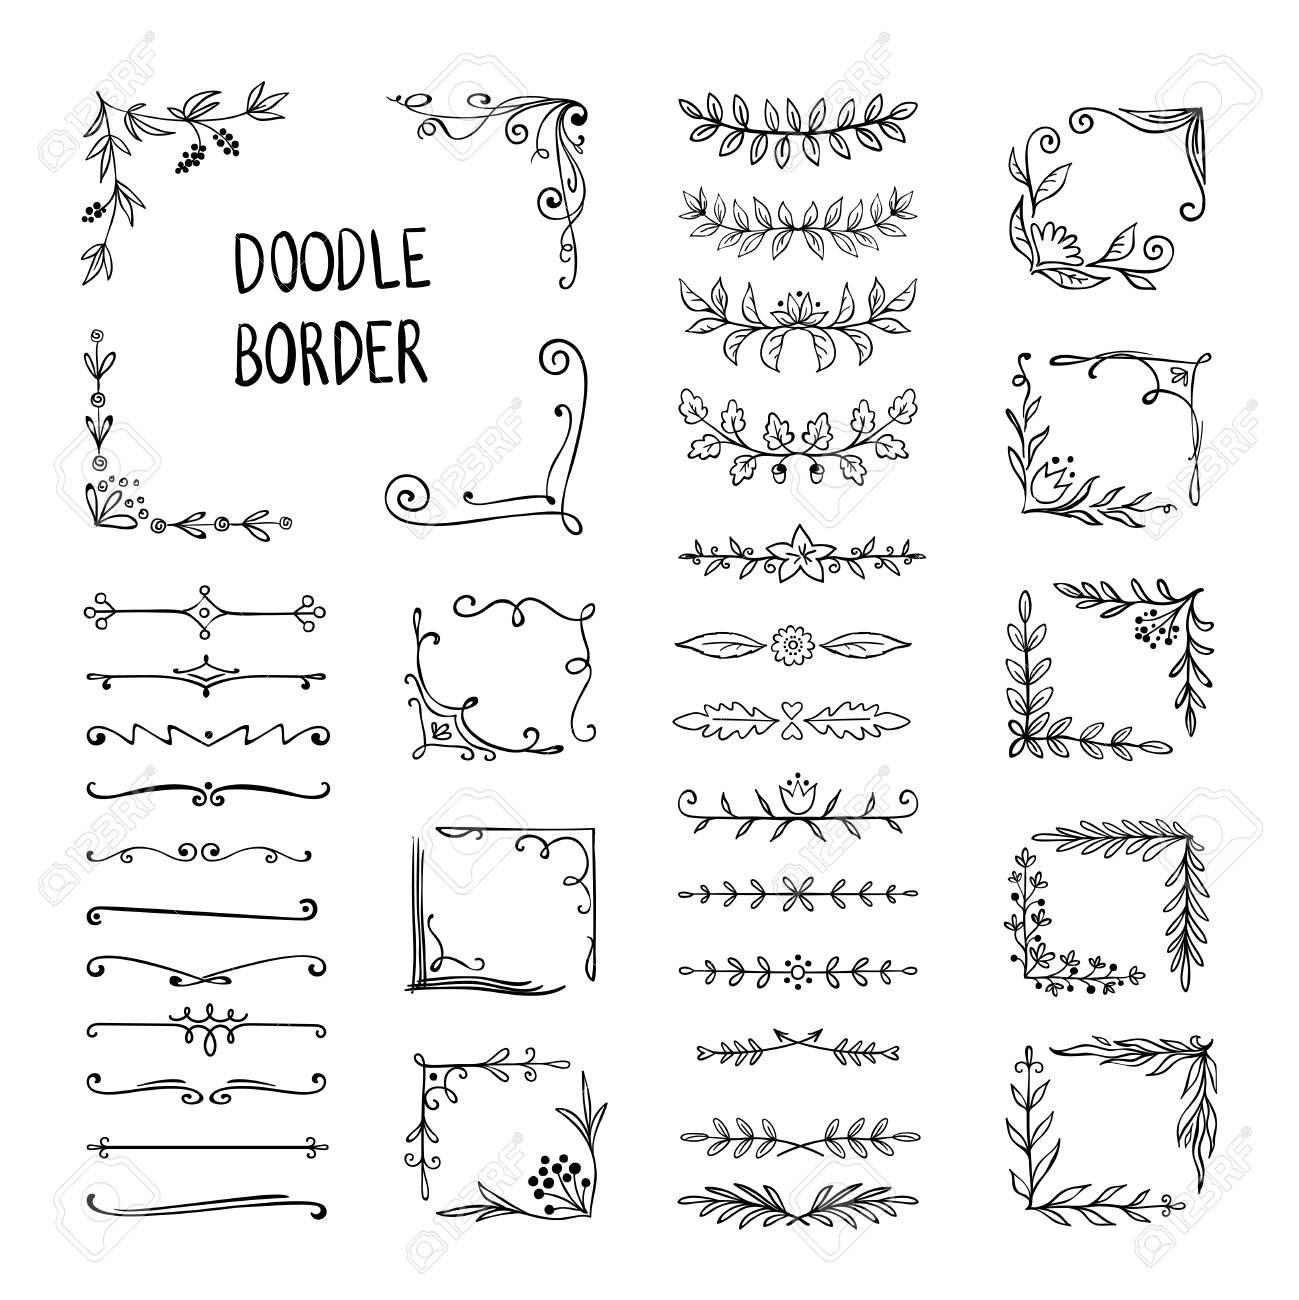 Doodle border. Flower ornament frame, hand drawn decorative corner elements, floral sketch pattern. Vector doodle frame elements - 122164640